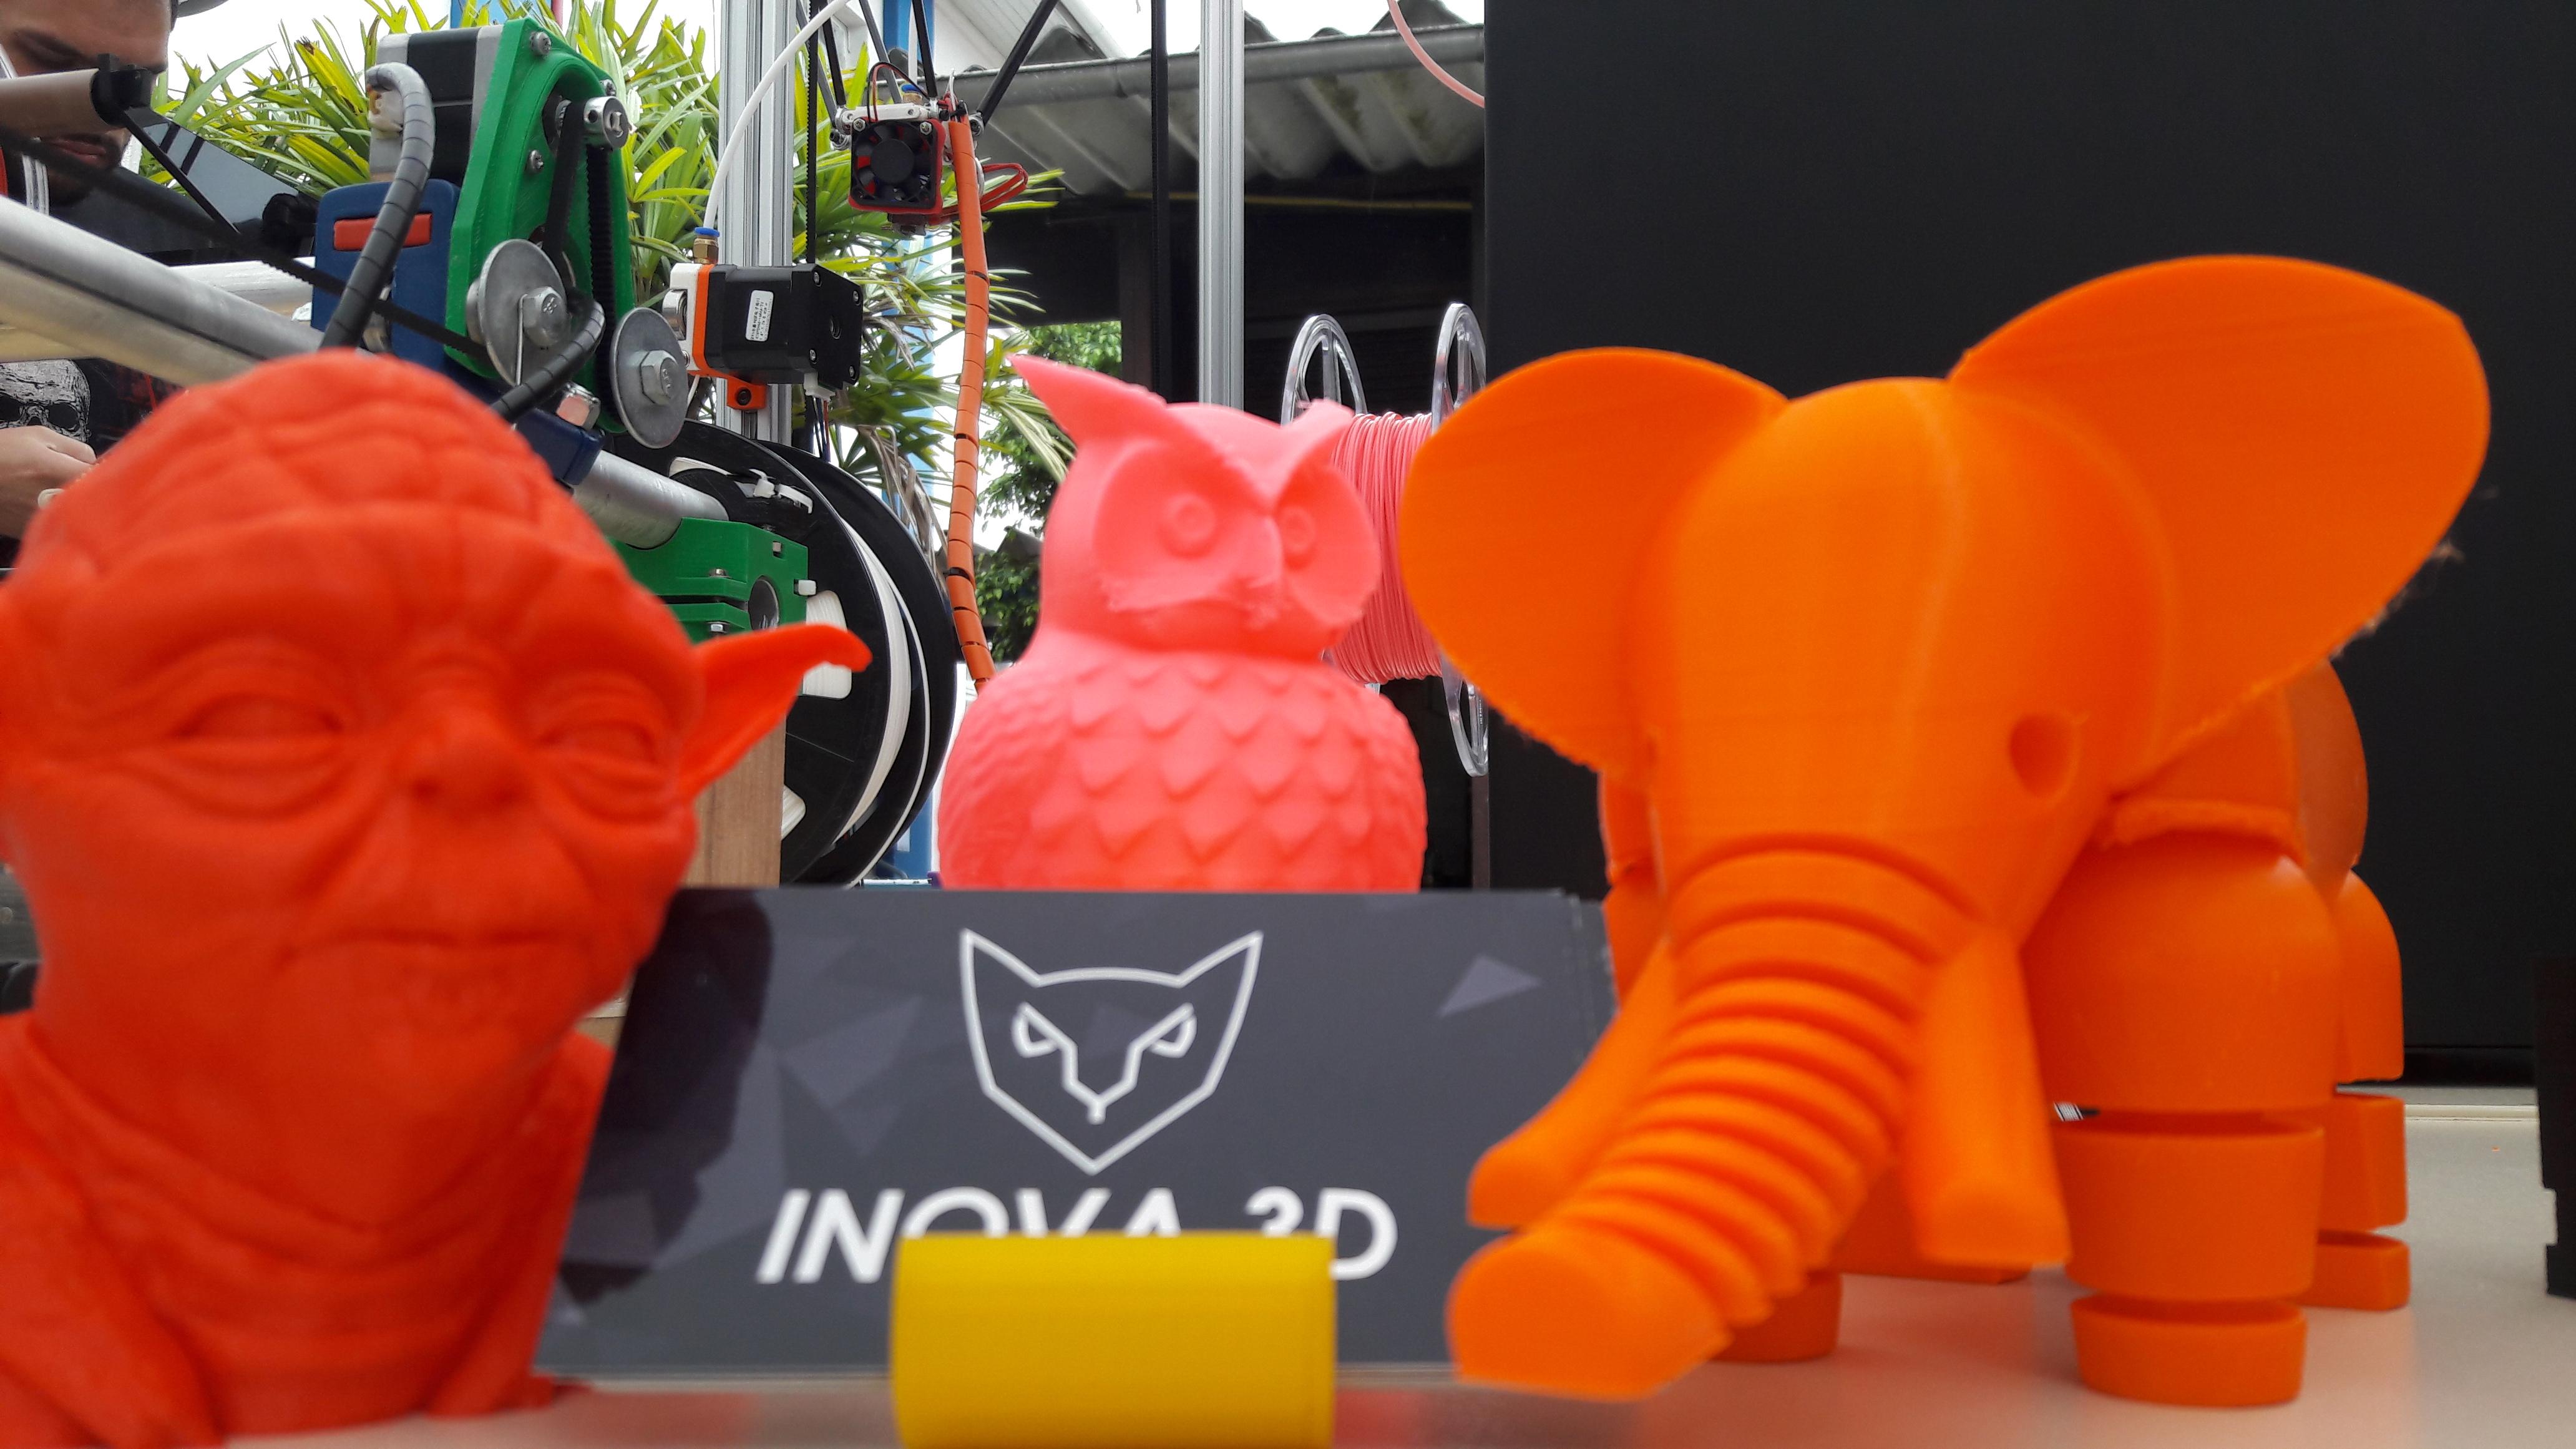 1º Encontro De Impressão 3D Em Joinville :)